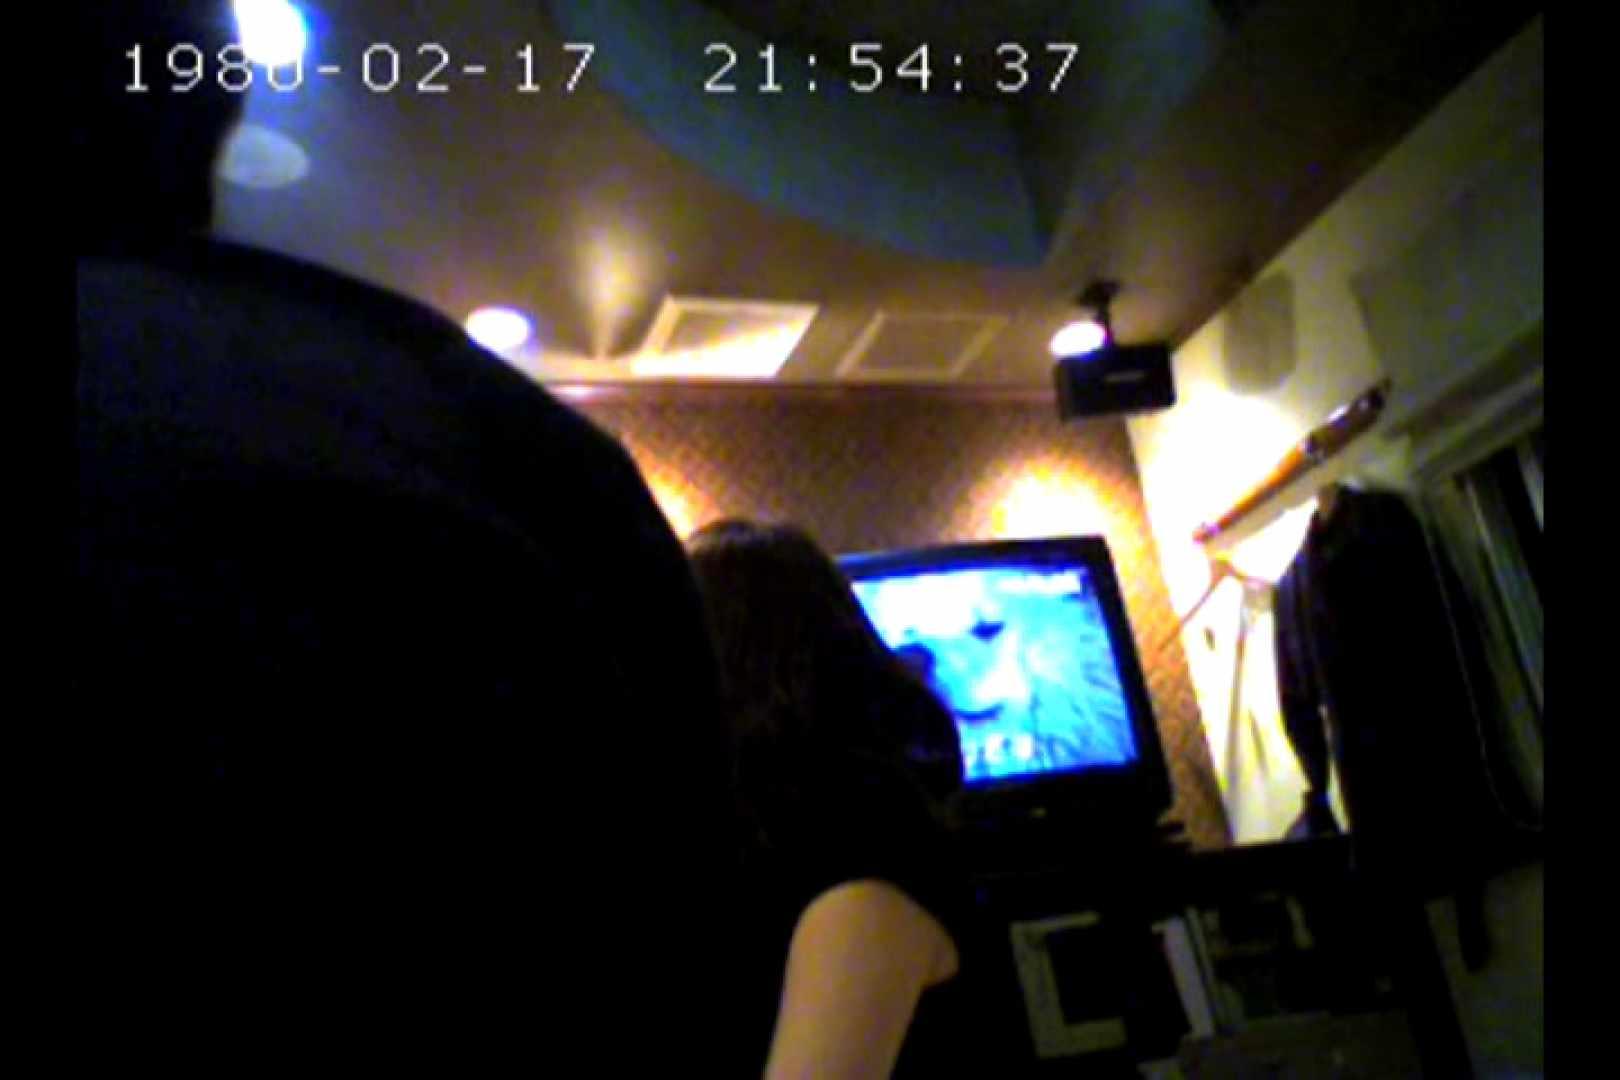 ハメられた女達 vol.04 裸体 盗み撮りSEX無修正画像 110画像 32